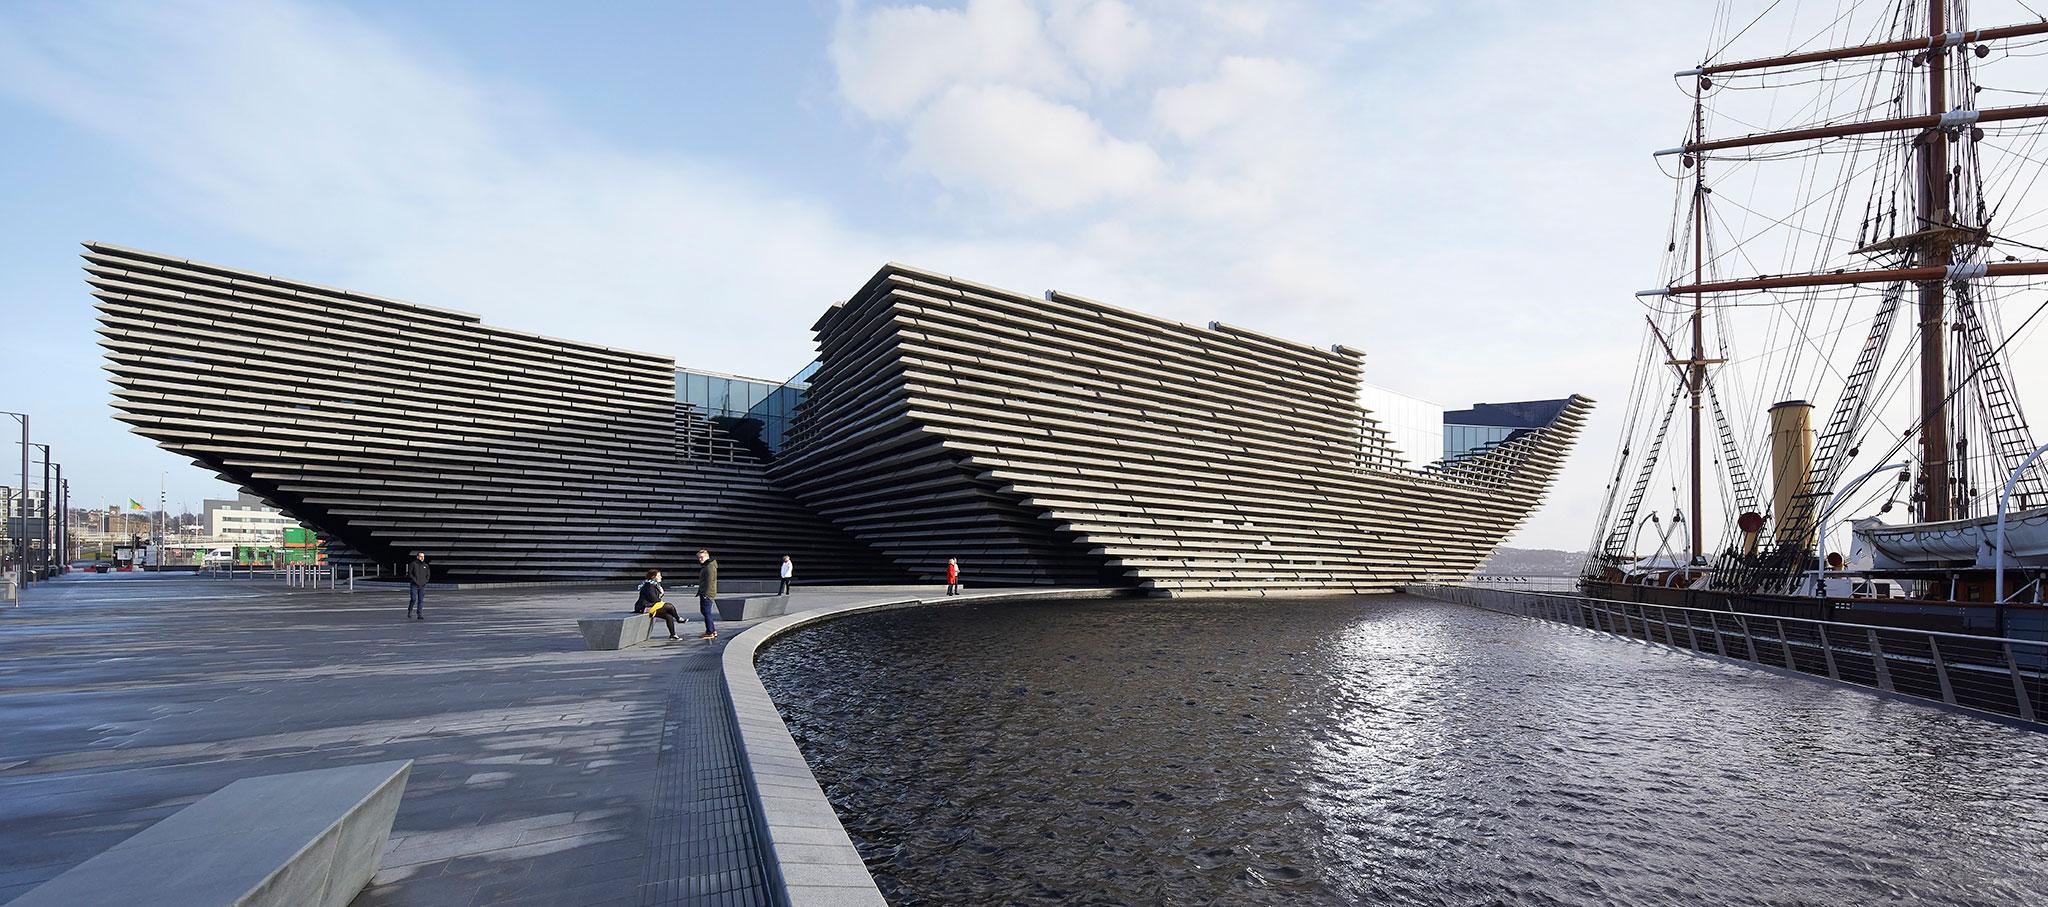 Enero 2018. V&A Dundee por Kengo Kuma. Fotografía por Hufton+Crow. Imagen cortesía de V&A Dundee